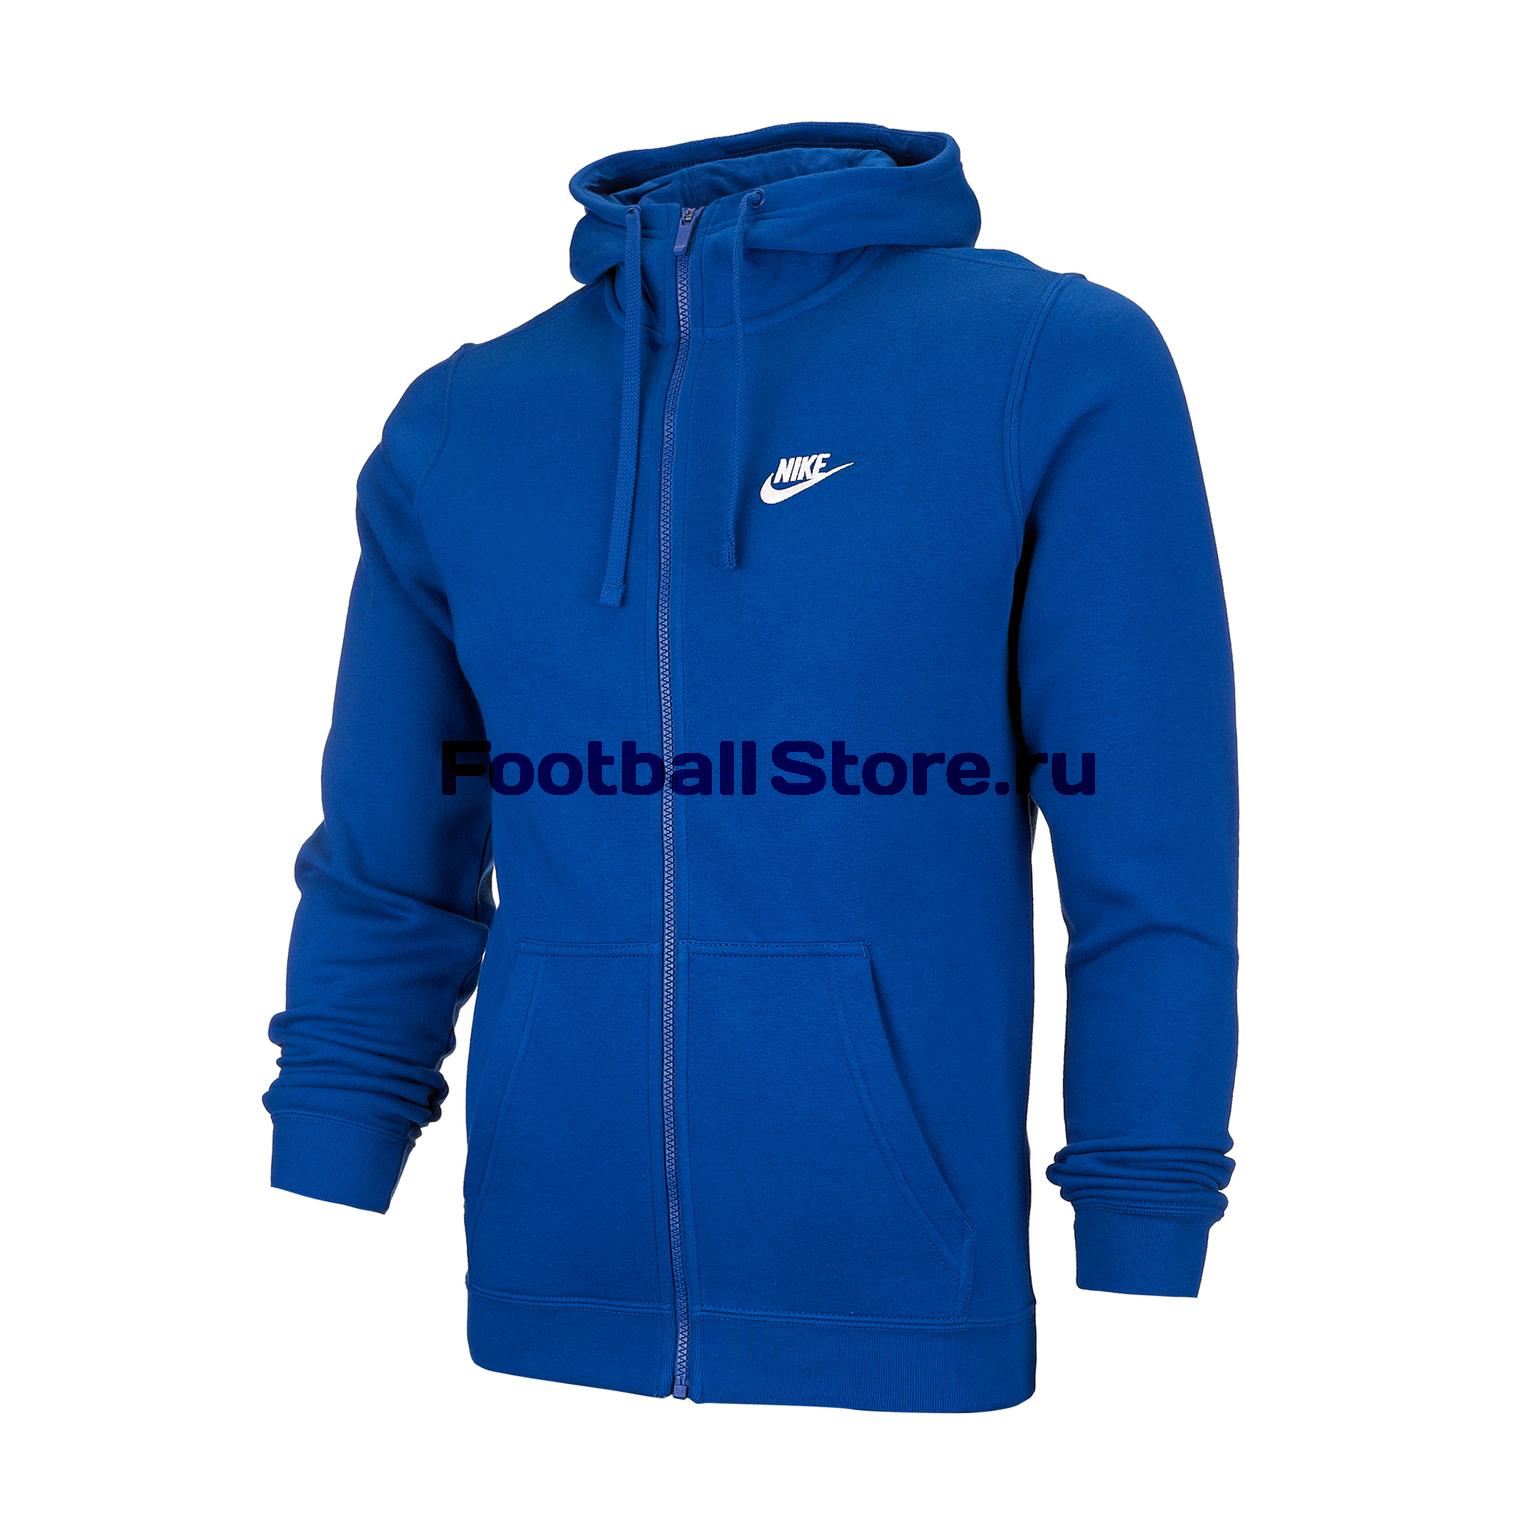 Толстовка Nike M NSW Hoodie FZ FLC Club 804389-438 недорго, оригинальная цена